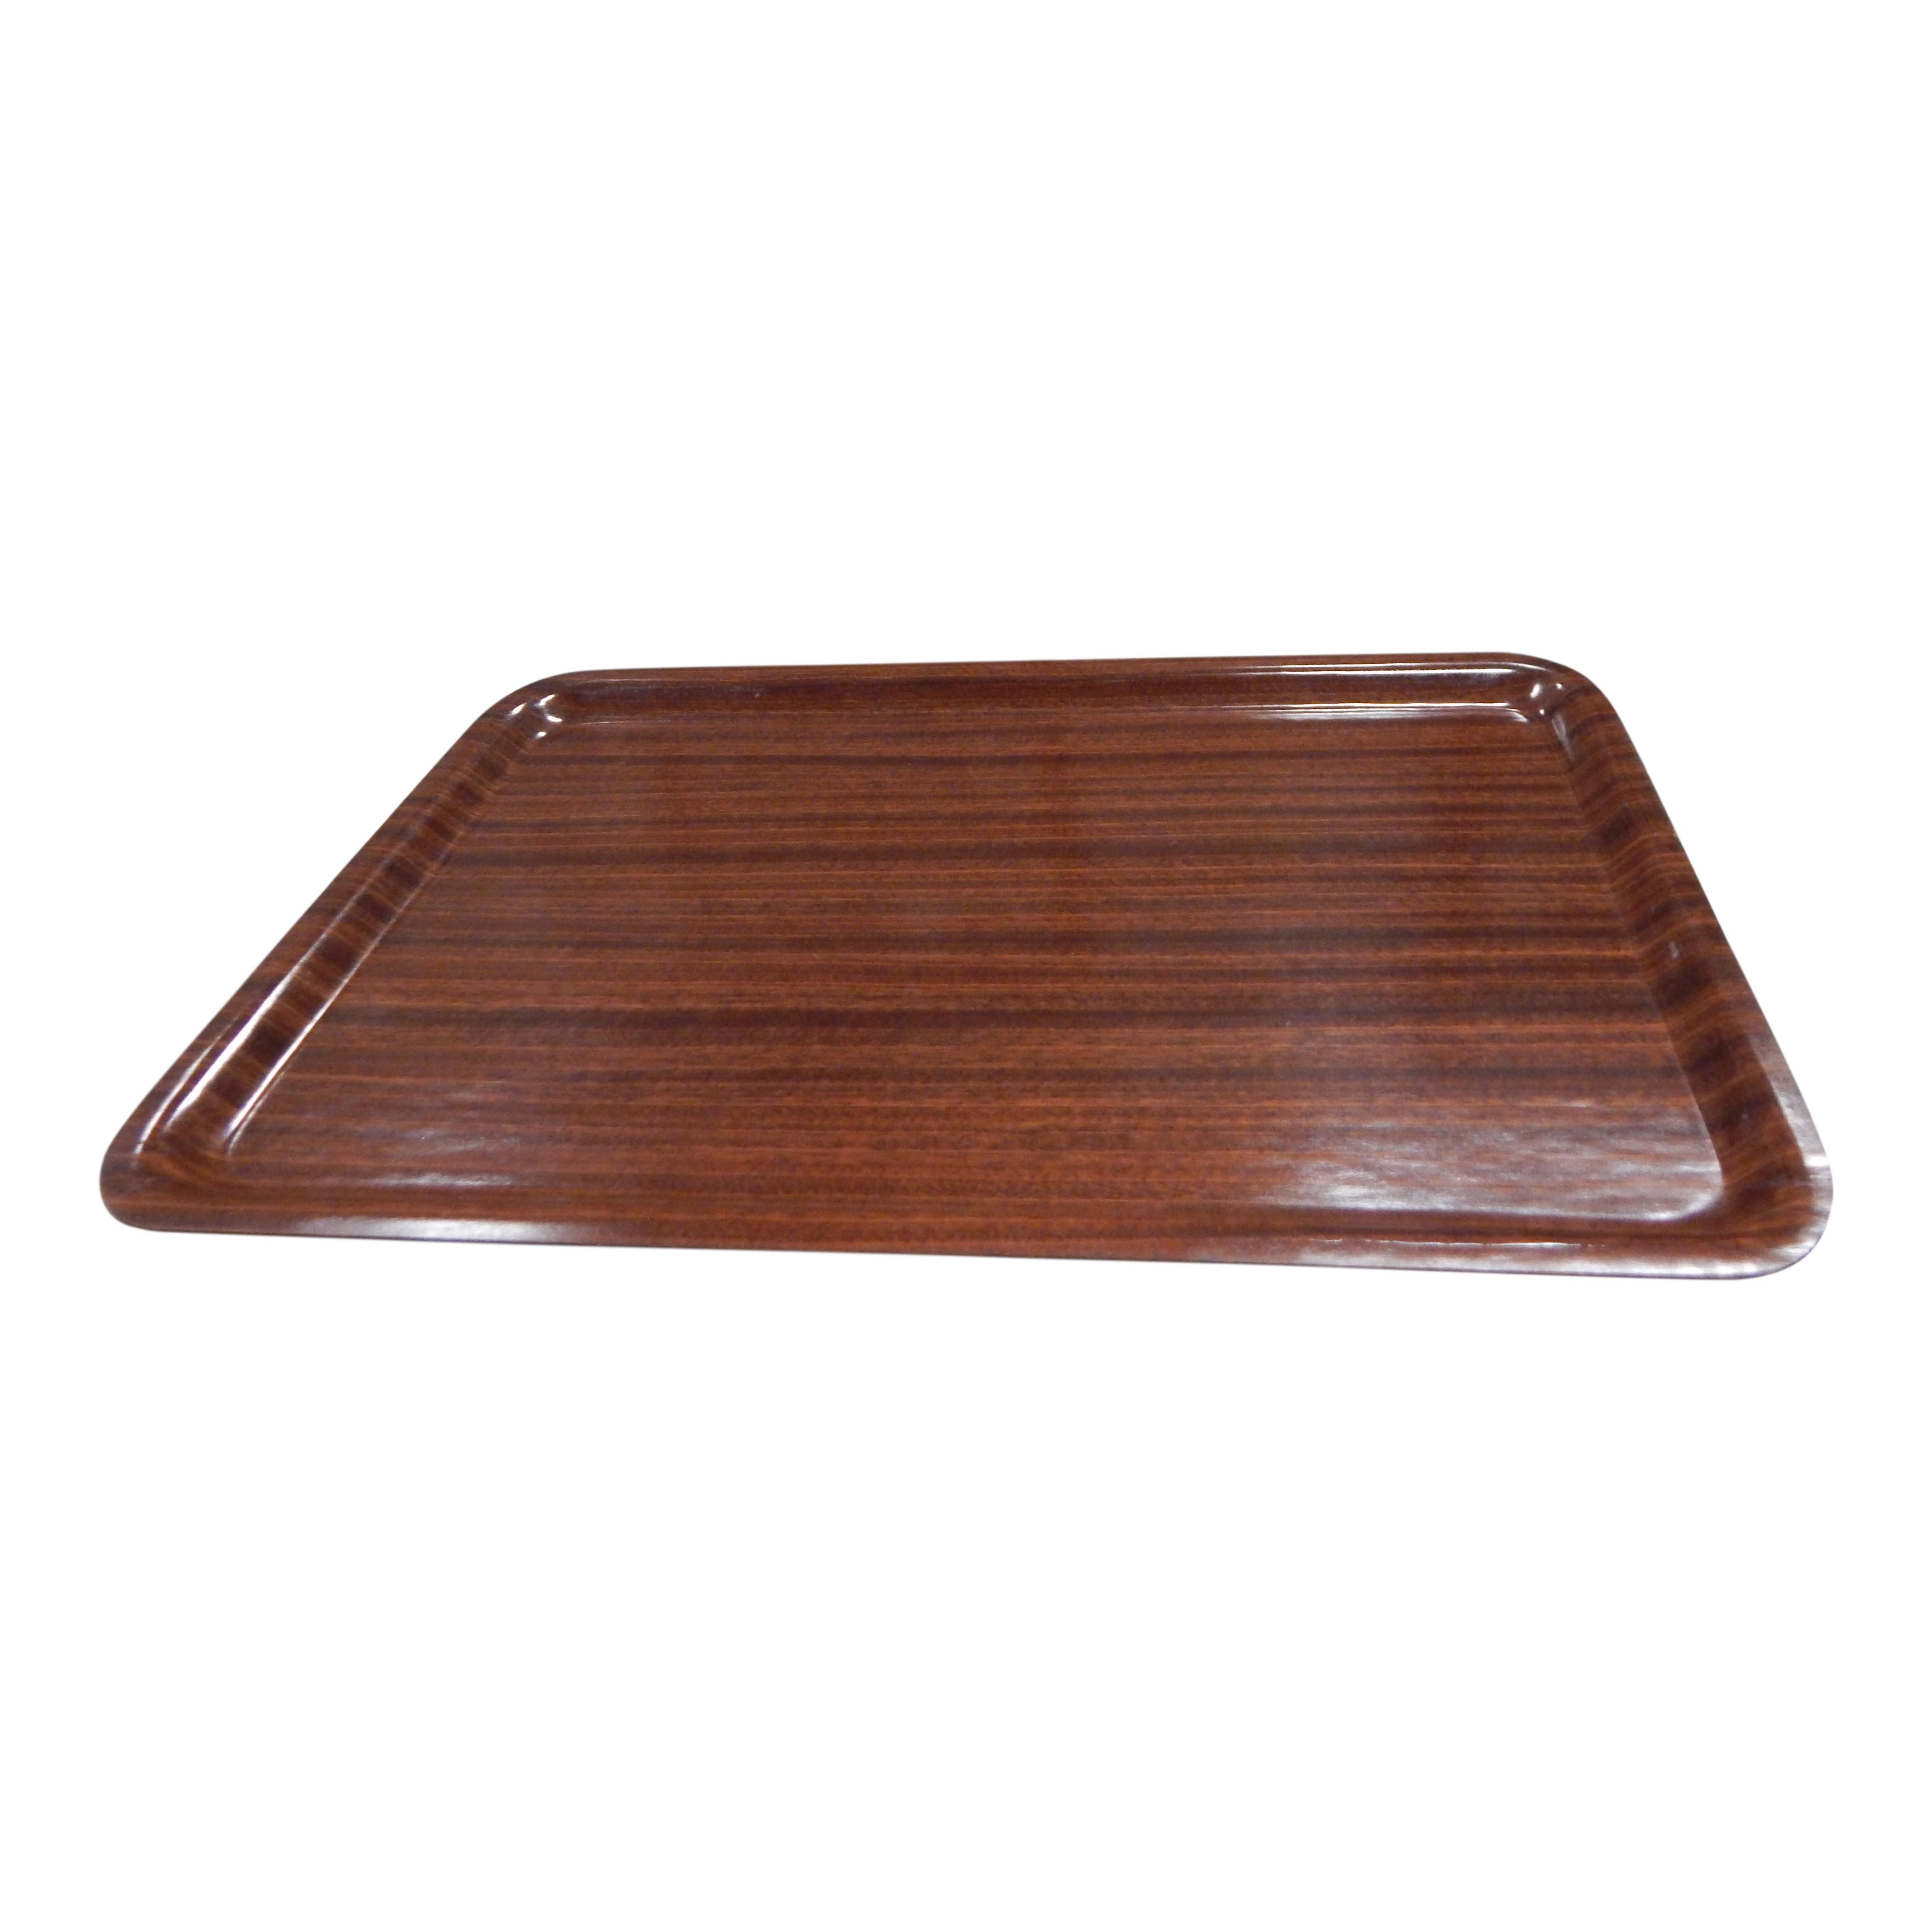 Dienblad 50x35cm houtlook